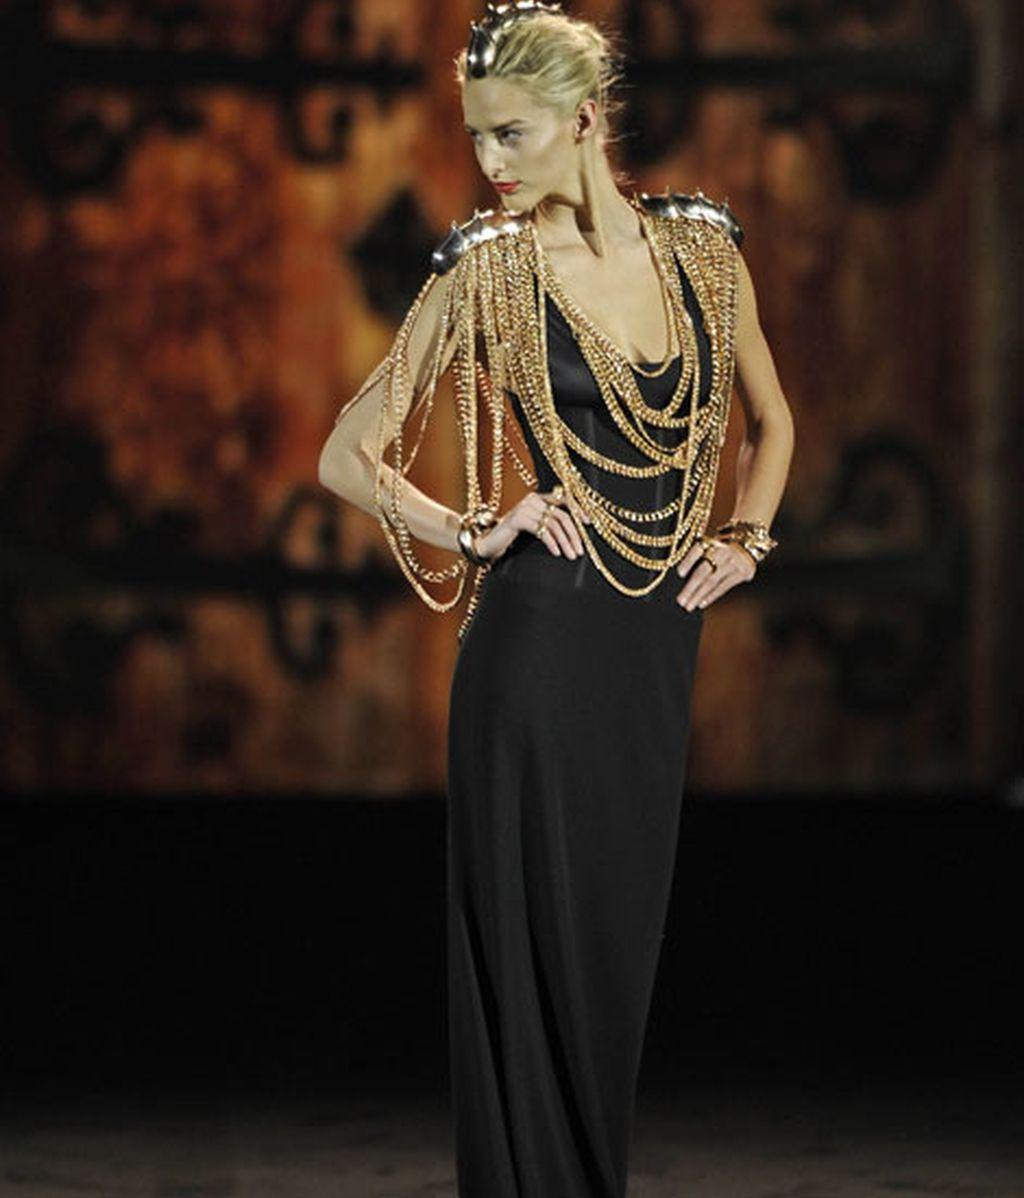 El moño, símbolo de la feminidad en la danza clásica, protagonista del desfile